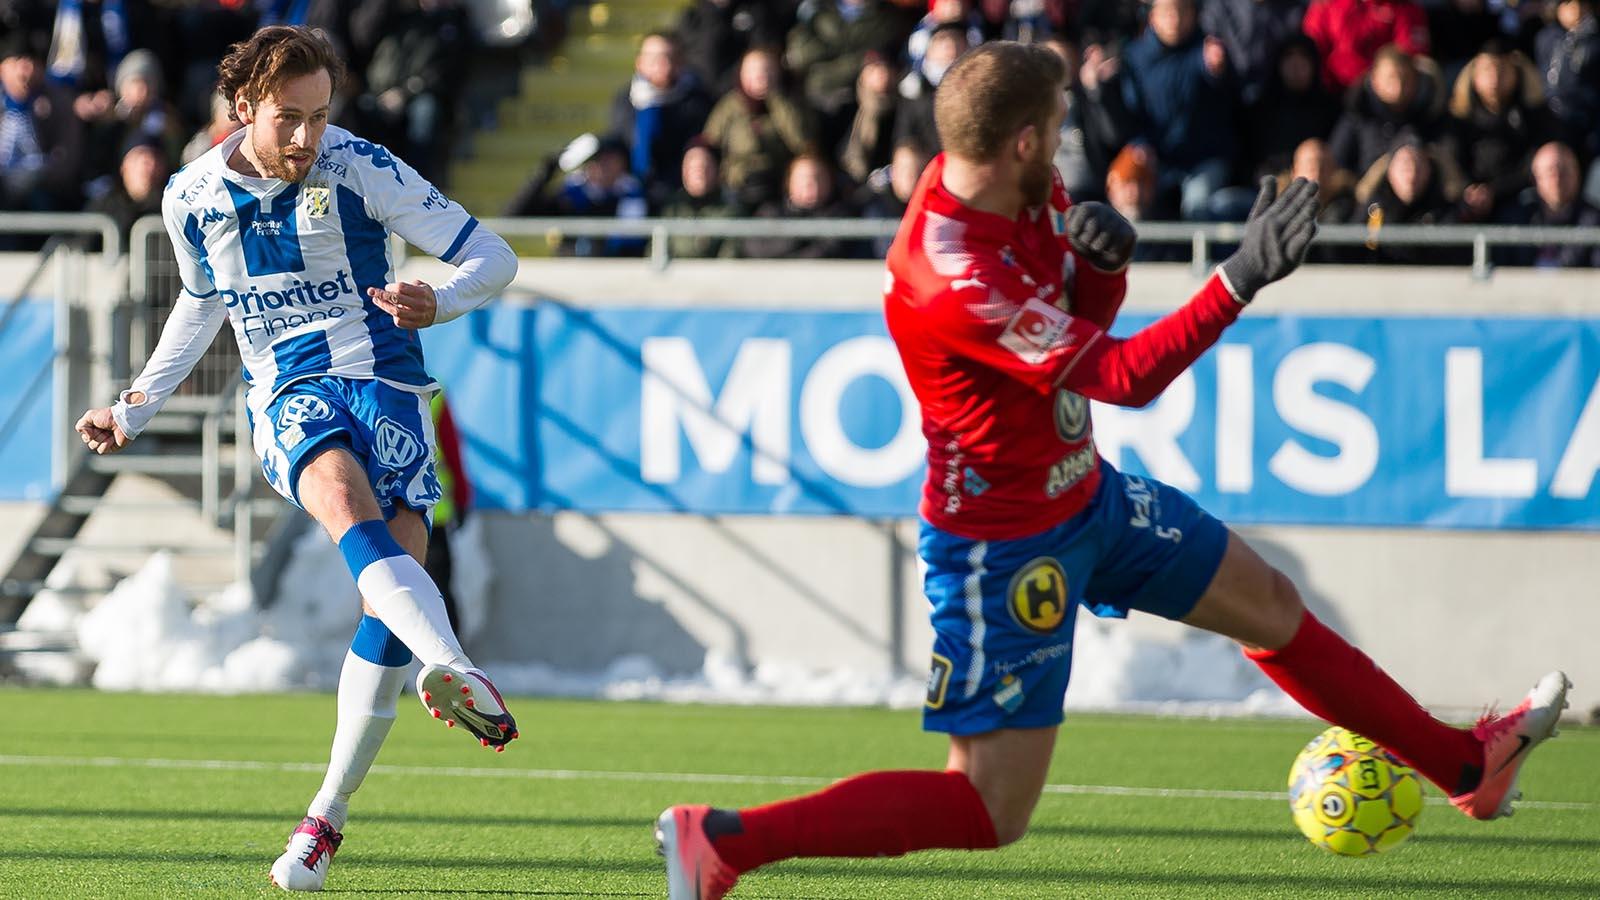 180224 IFK Göteborgs Mikkel Diskerud skjuter in kvitteringen till 1-1 under en fotbollsmatch i Svenska Cupen mellan IFK Göteborg och Öster den 24 februari 2018 i Göteborg. Foto: Michael Erichsen / BILDBYRÅN / Cop 89